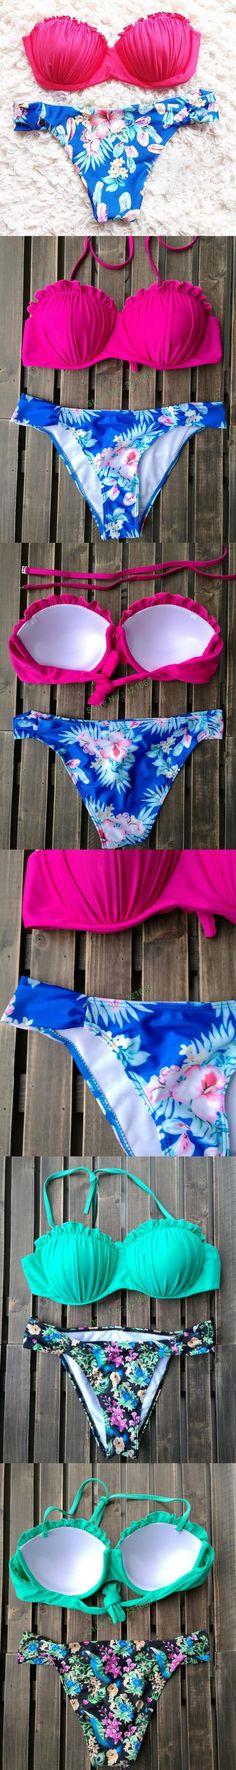 NEW 2015 lace bikini retro biquini mesh bikini set sexy contrast color bathing suits triangle swimwear biquini Brazilian, $13.99